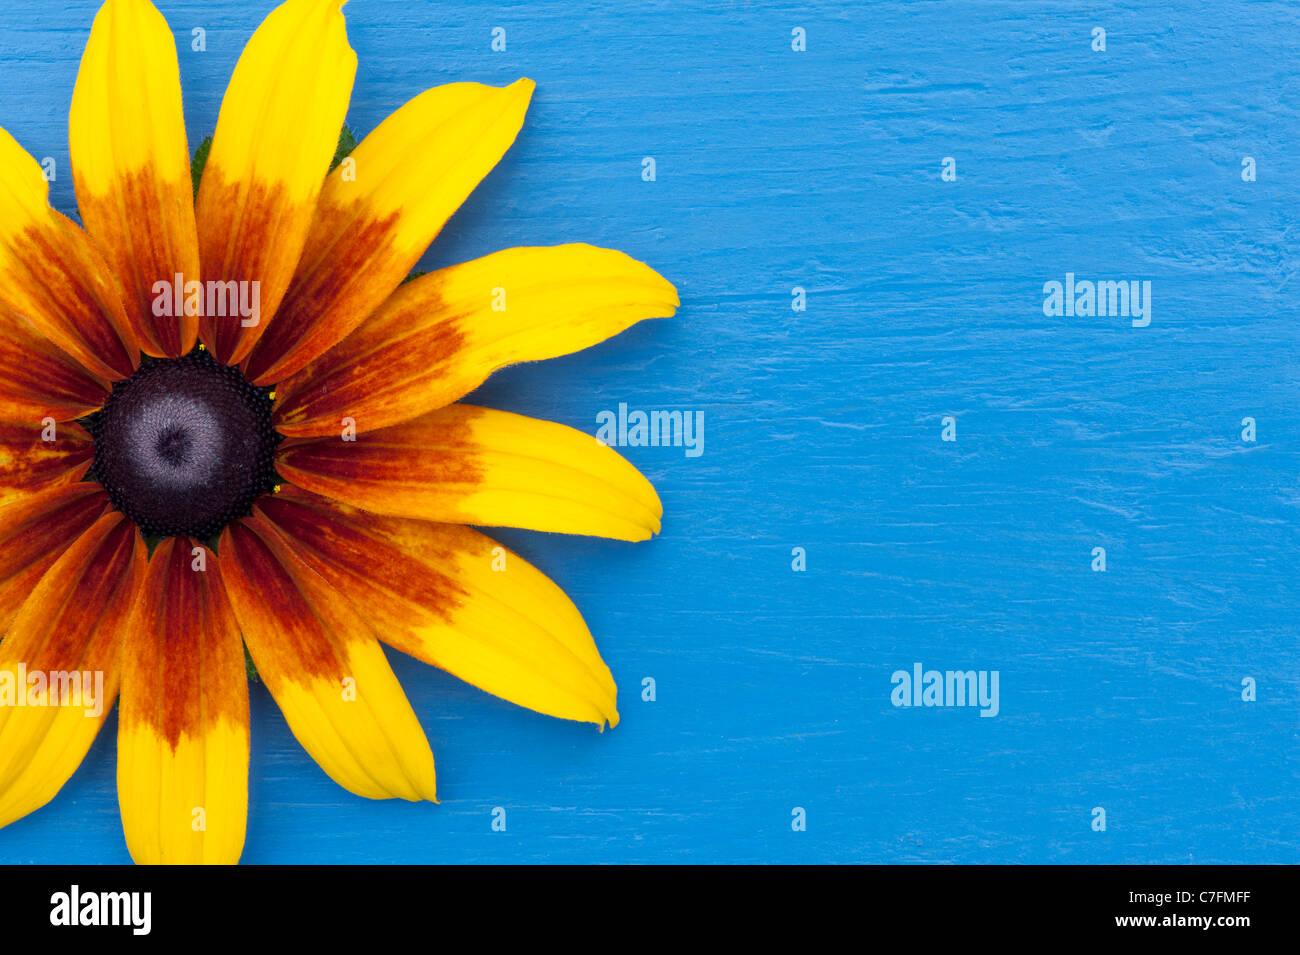 Rudbeckia hirta nana rustica fiore su un blu in legno dipinto sullo sfondo Immagini Stock